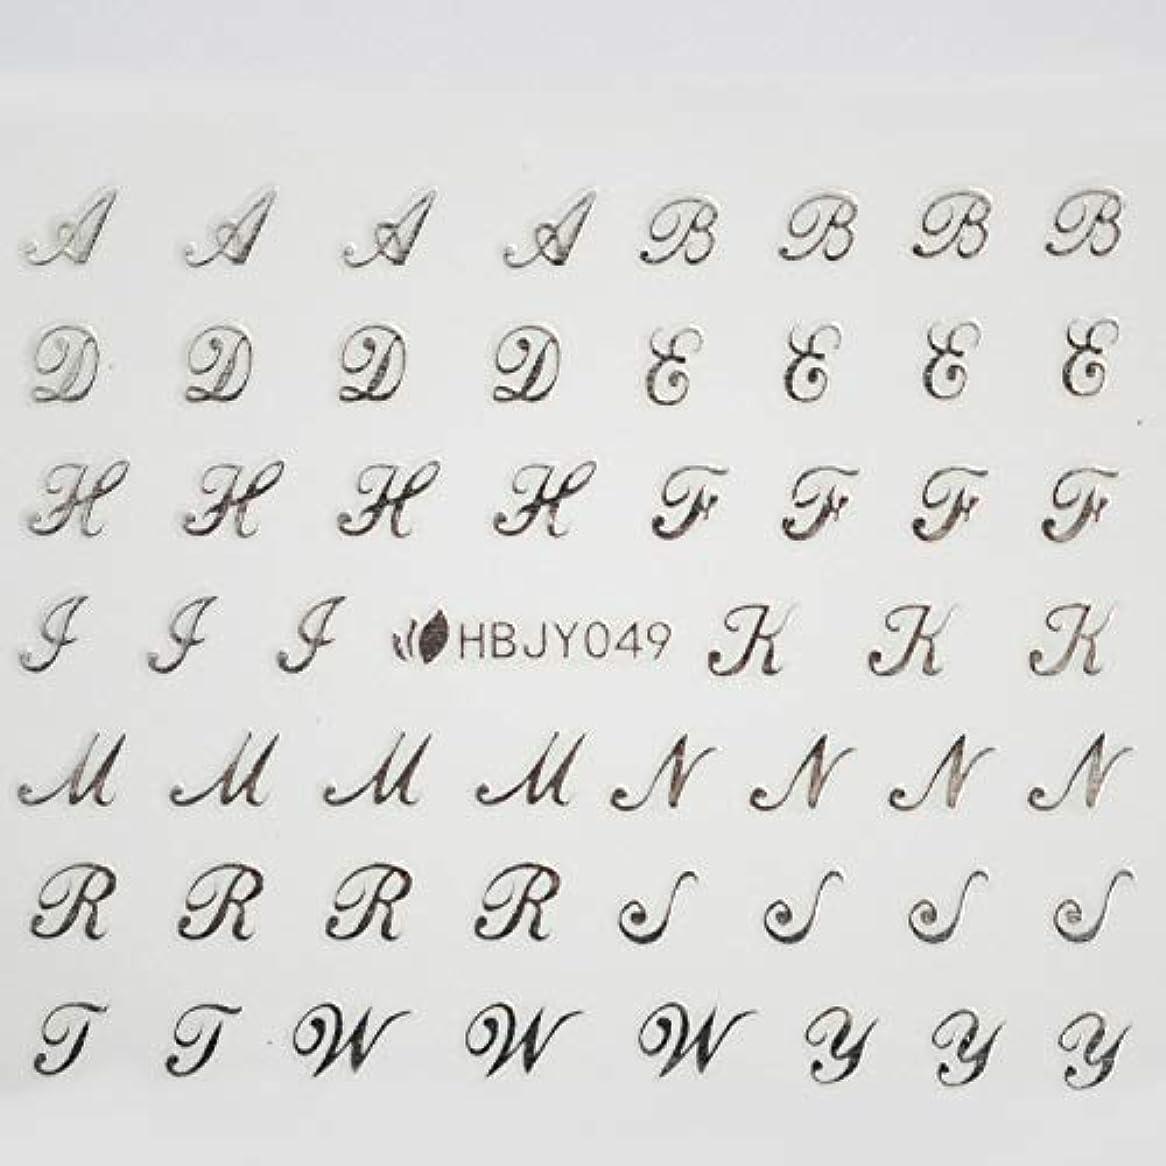 ワイプボウリング電気陽性アルファベットやメッセージ柄のネイルシール (筆記体 シルバー)